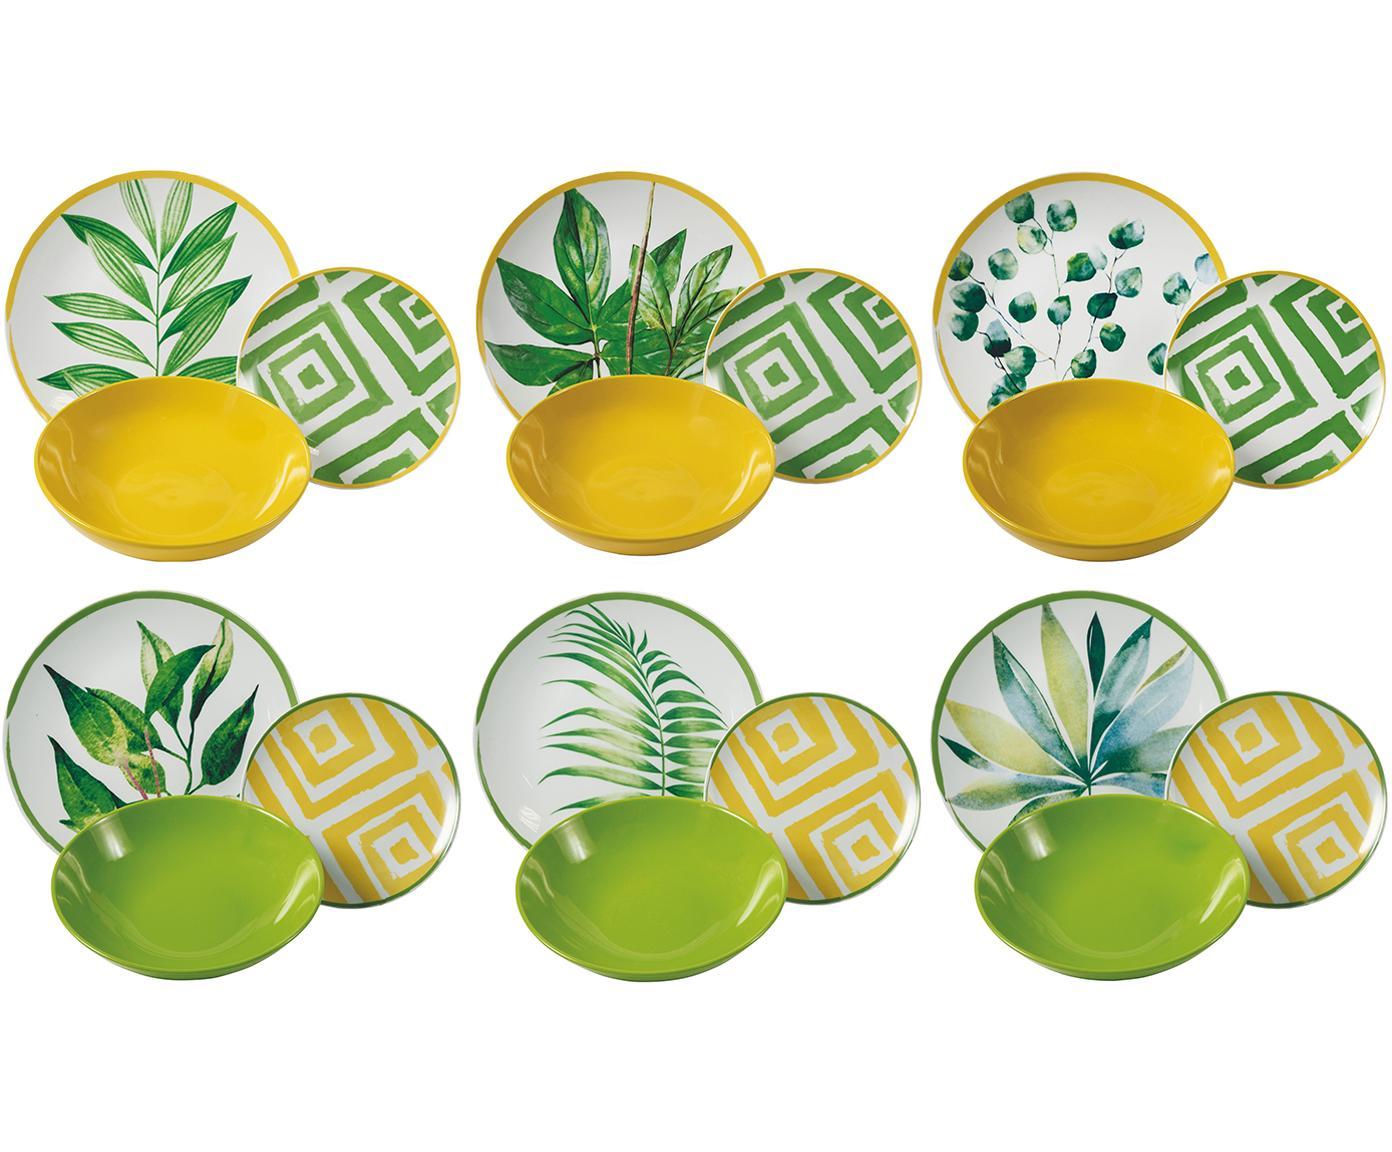 Geschirr-Set Botanique mit tropischem Design, 6 Personen (18-tlg.), Porzellan, Gres, Grün, Weiss, Gelb, Verschiedene Grössen